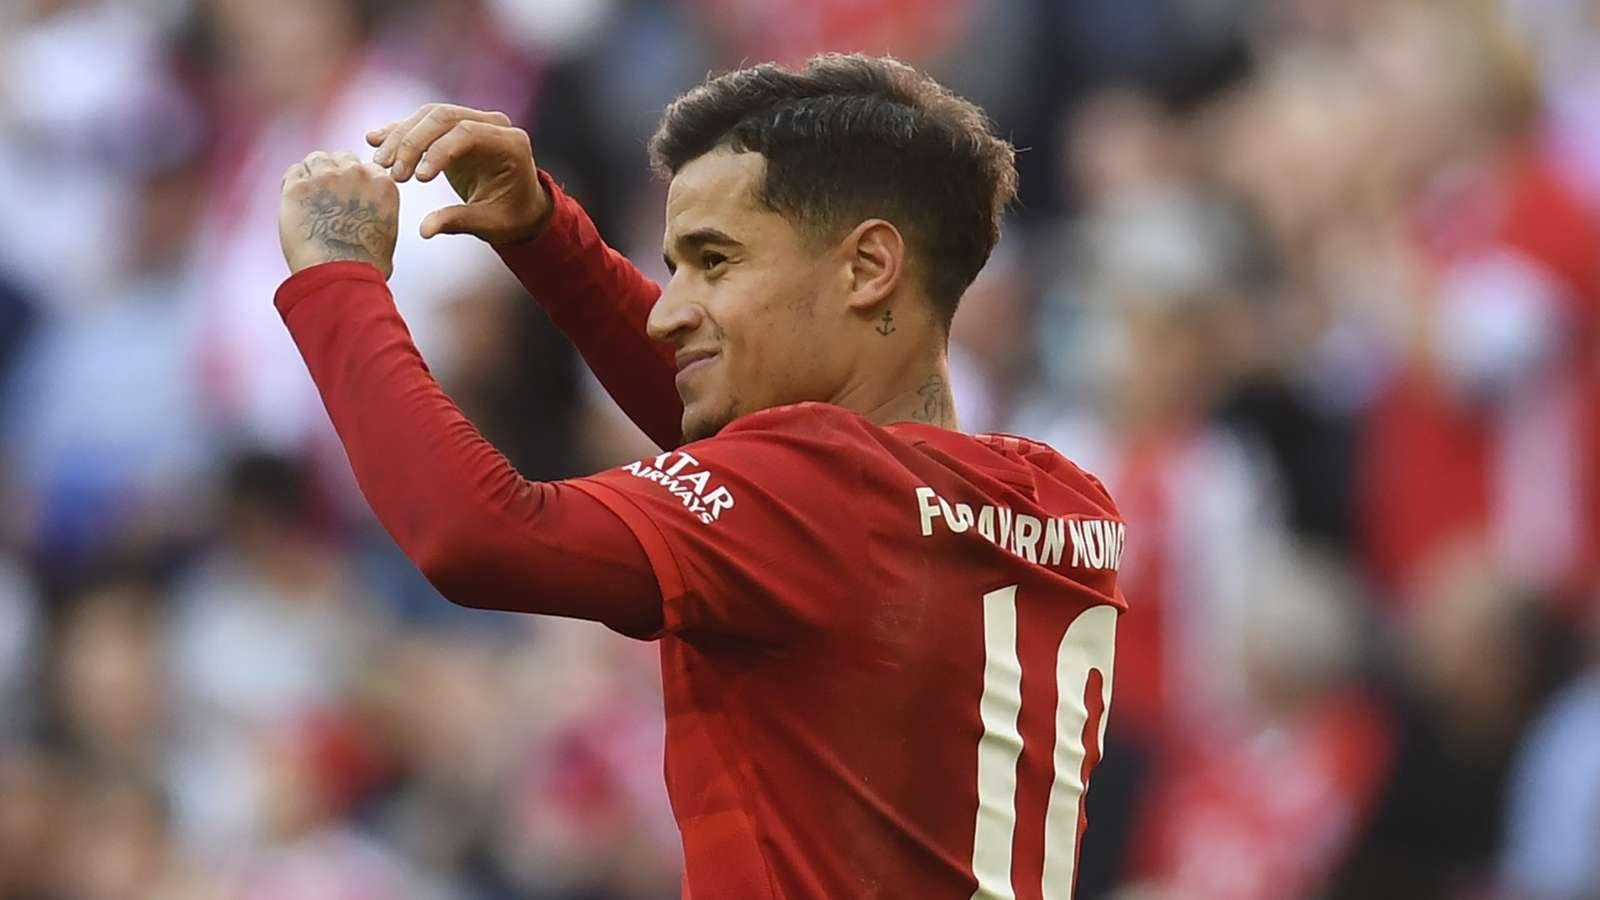 库蒂尼奥:离开利物浦不会回头;拜仁本赛季能赢得一切